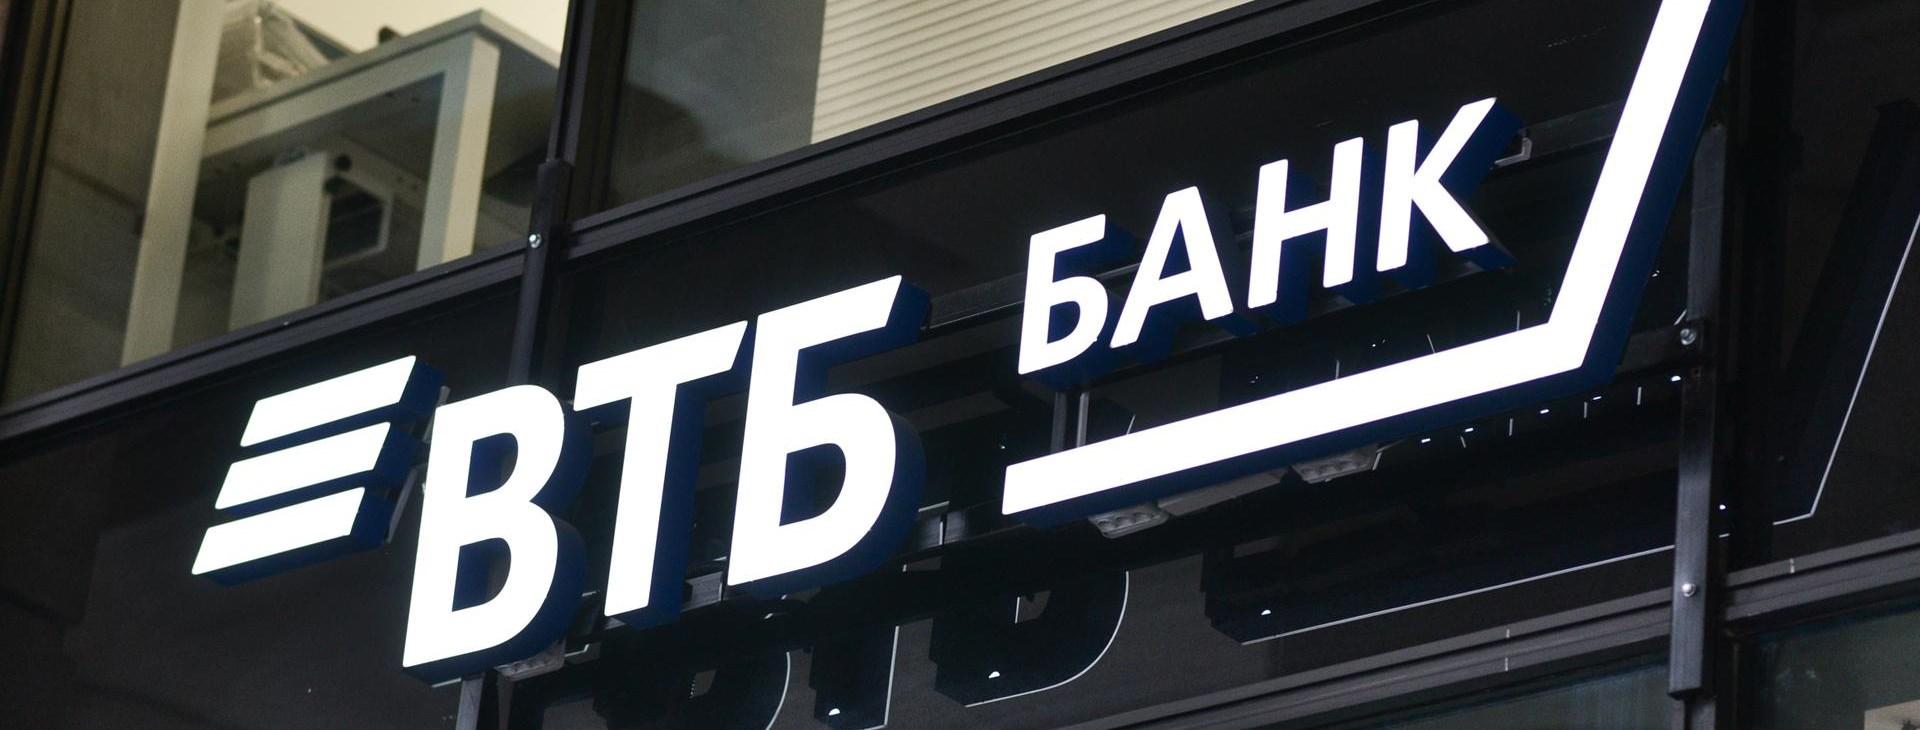 ВТБ будет измерять температуру тела сотрудников и клиентов